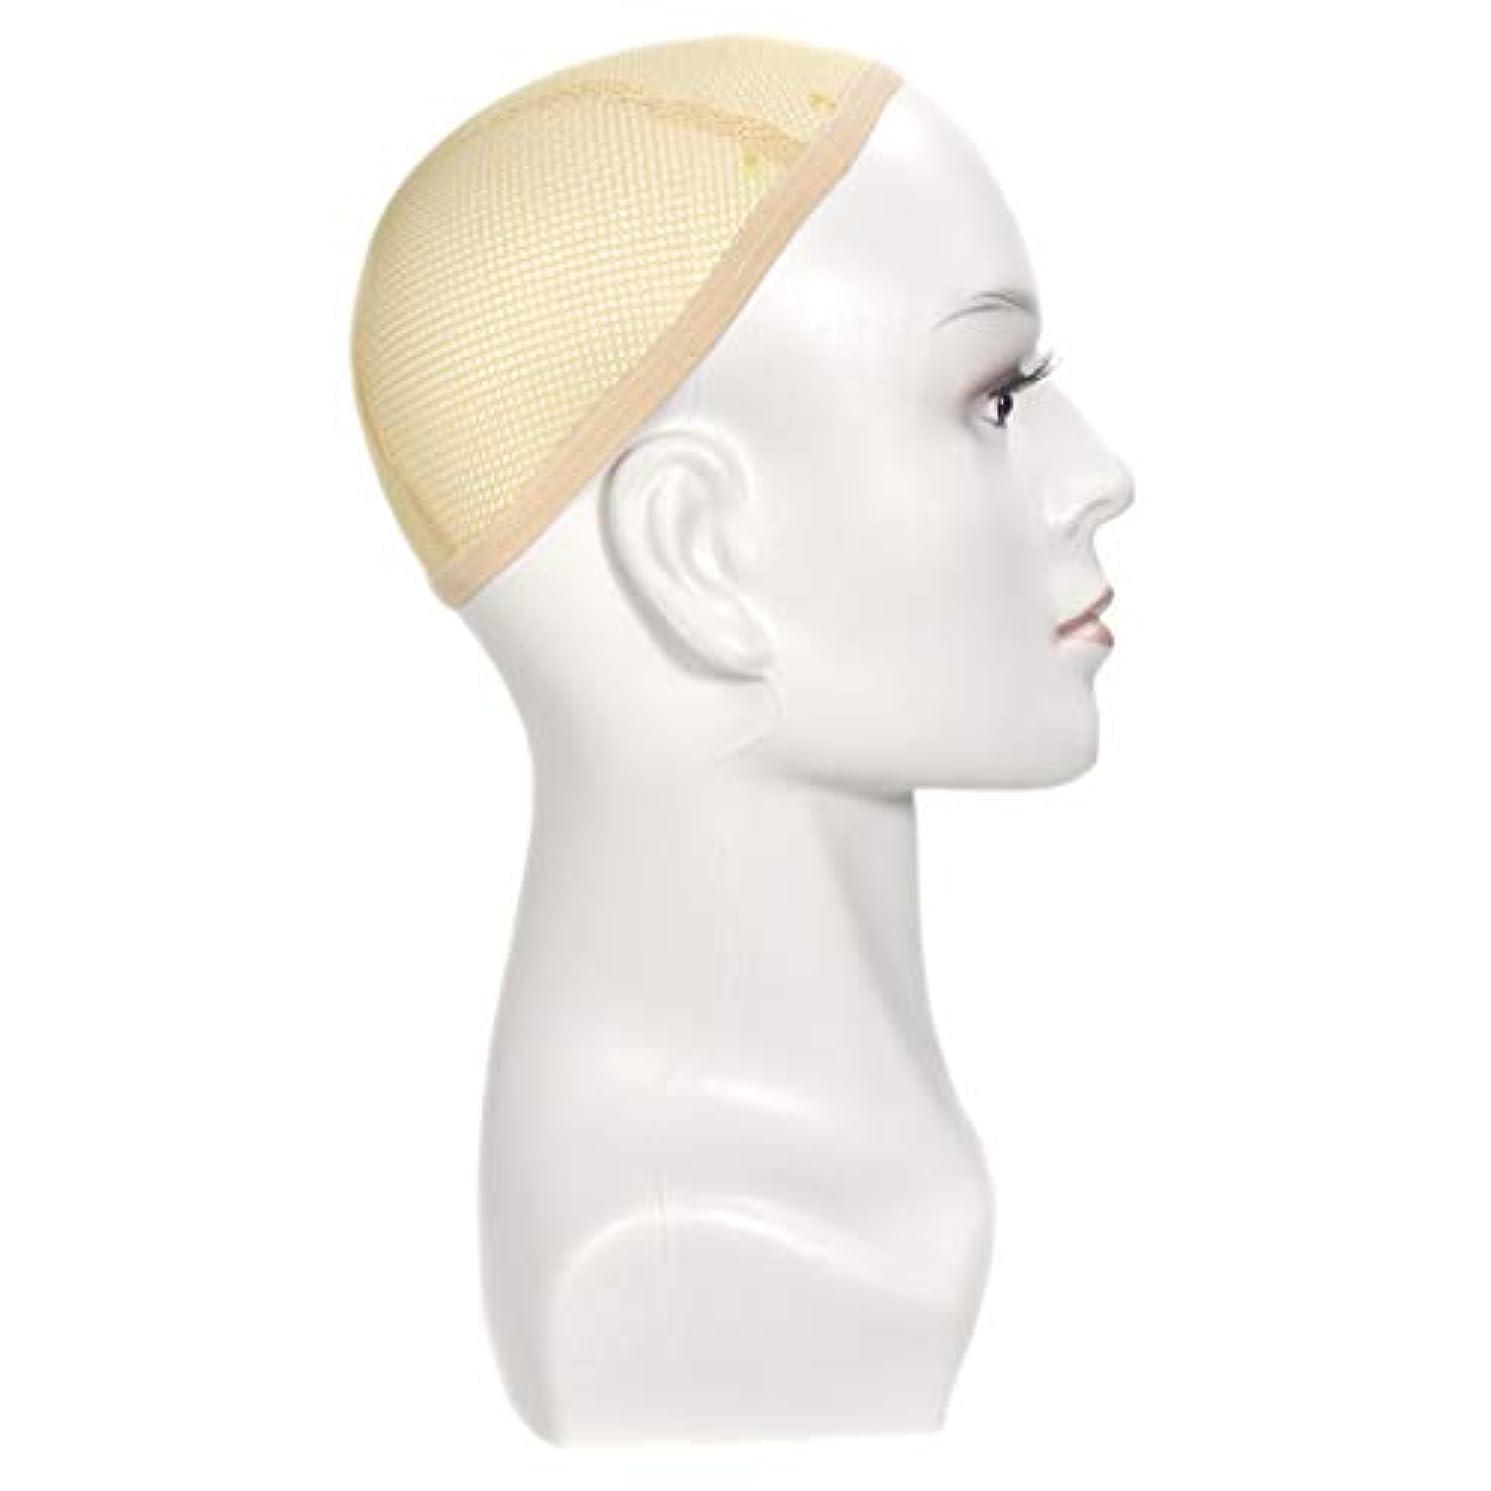 考古学的な折り目関係するマネキンヘッド 肌色 メイク メイクトレーニング 頭部モデル ディスプレイ ホルダー 全2色 - 白